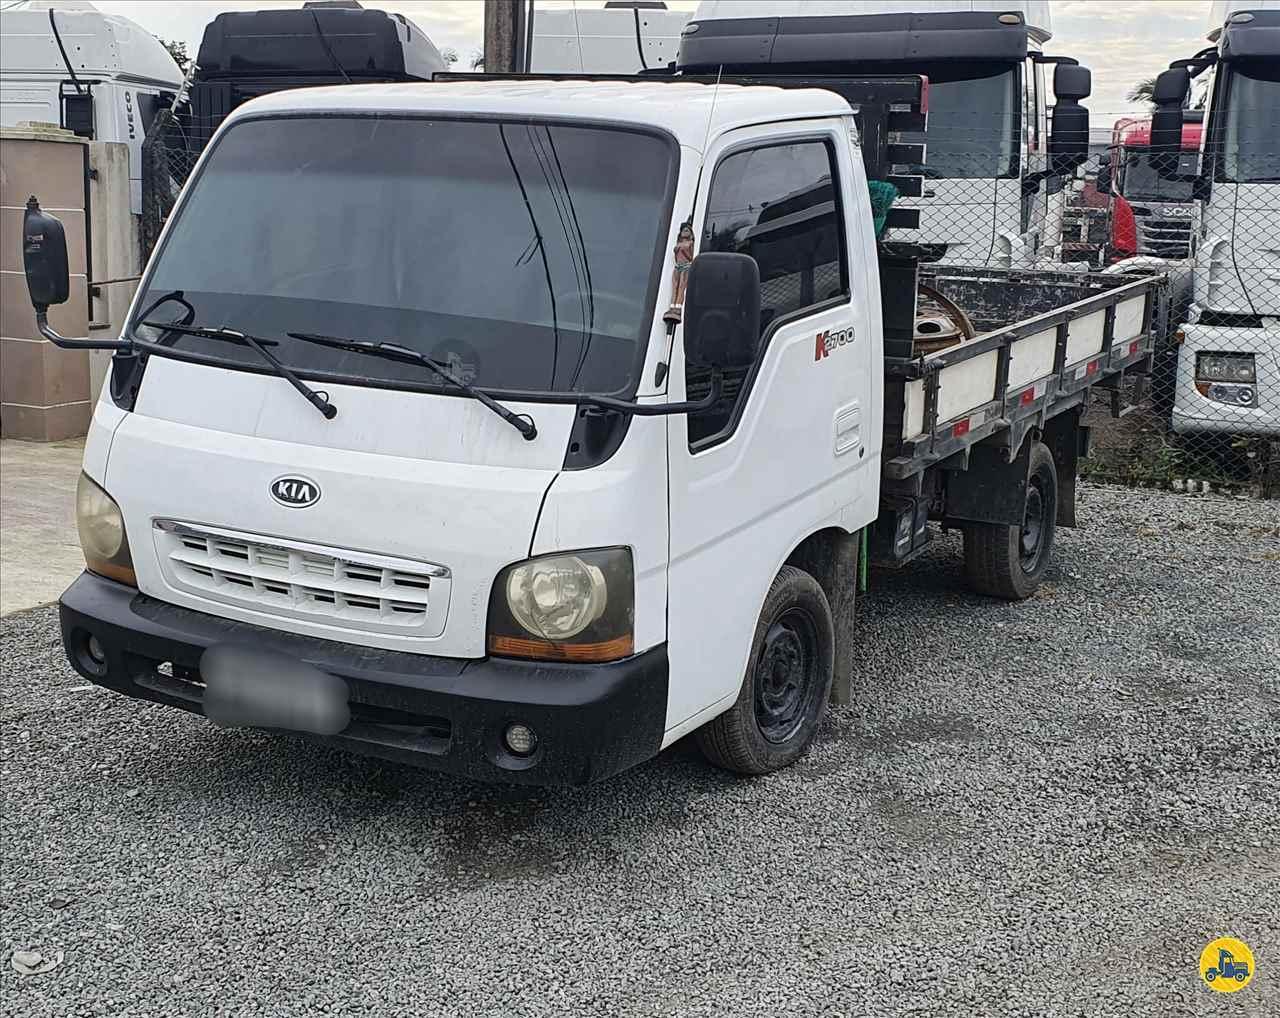 Bongo K-2700 de Trevo Caminhões - AGB - ITAJAI/SC